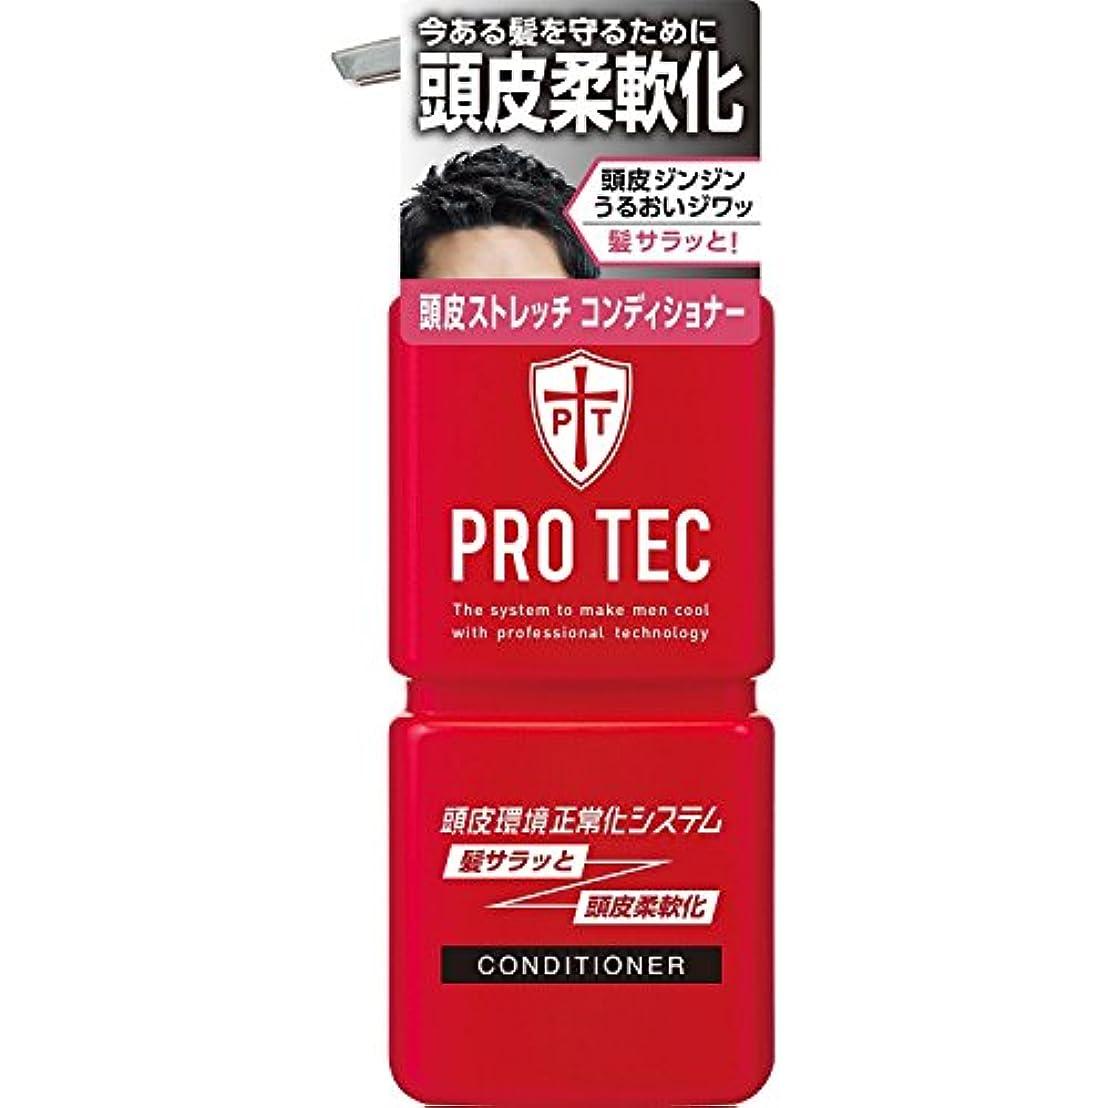 寄託ゴージャス飽和するPRO TEC(プロテク) 頭皮ストレッチ コンディショナー 本体ポンプ 300g